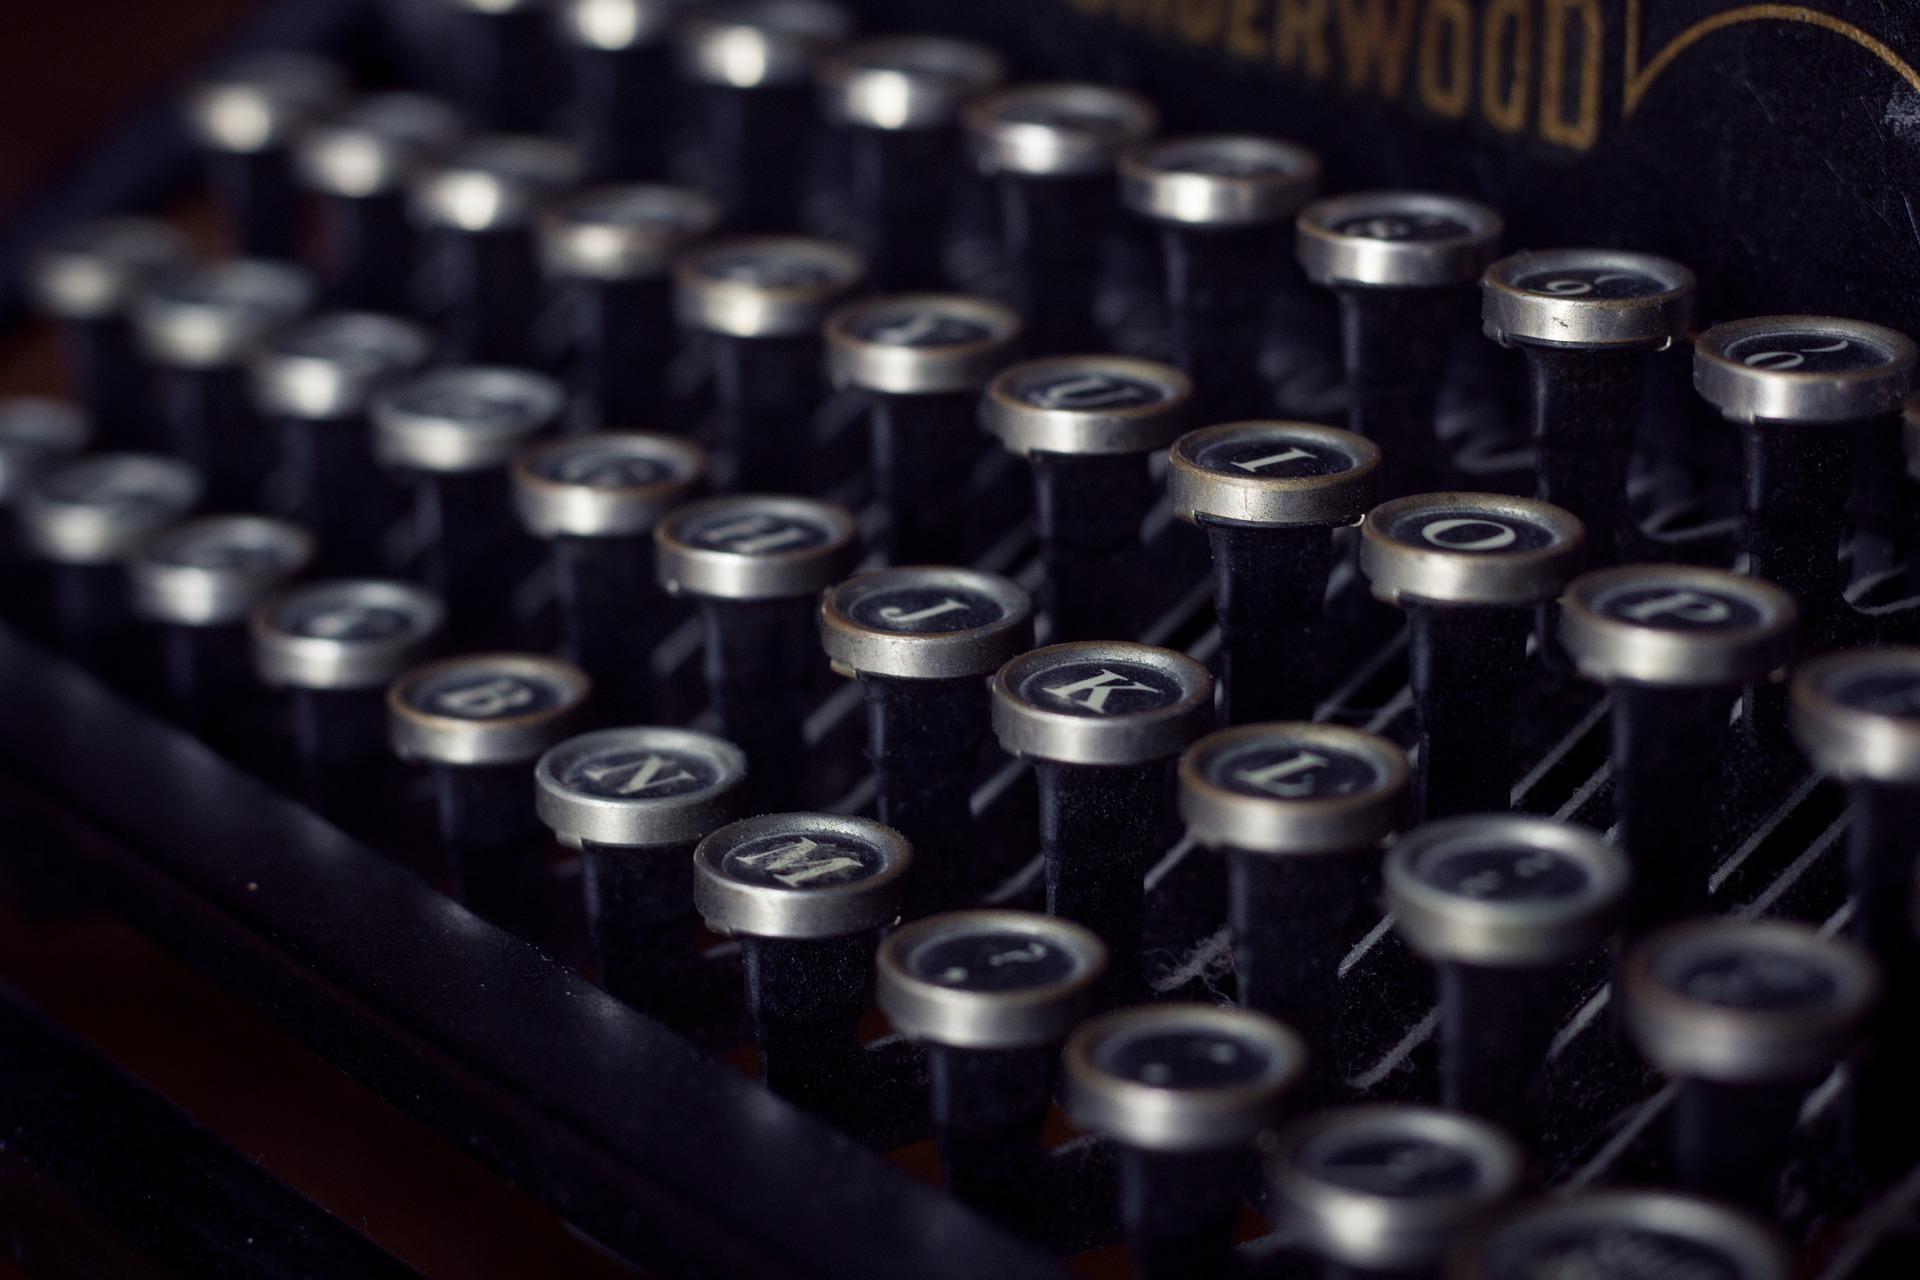 タイプライター, ヴィンテージ, 古い, キー - HD の壁紙 - 教授-falken.com